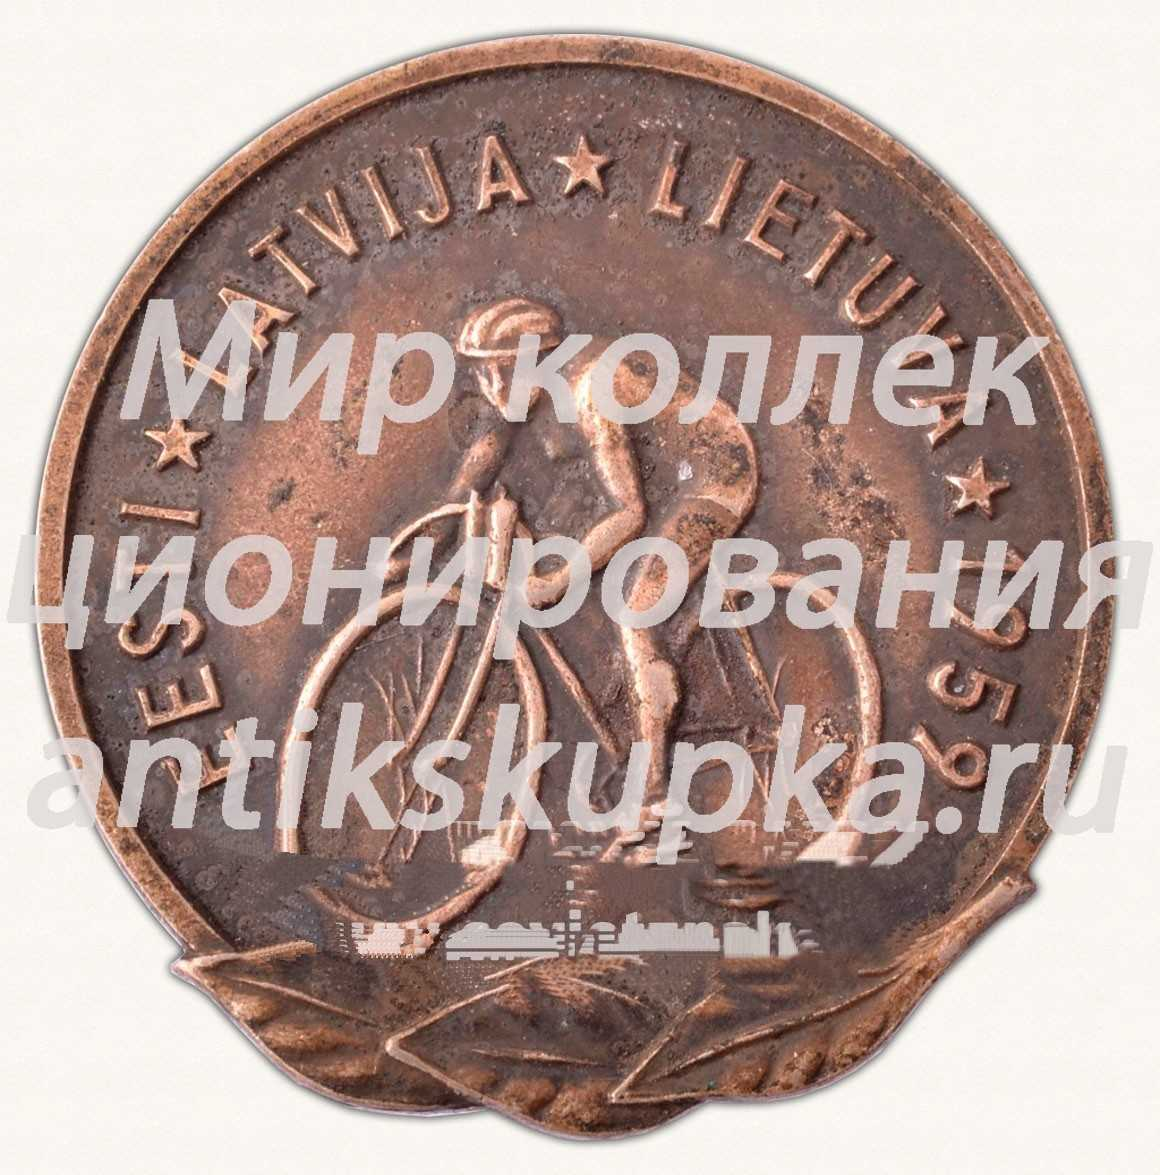 Знак «Велопробег «Эстония-Латвия-Литва»»